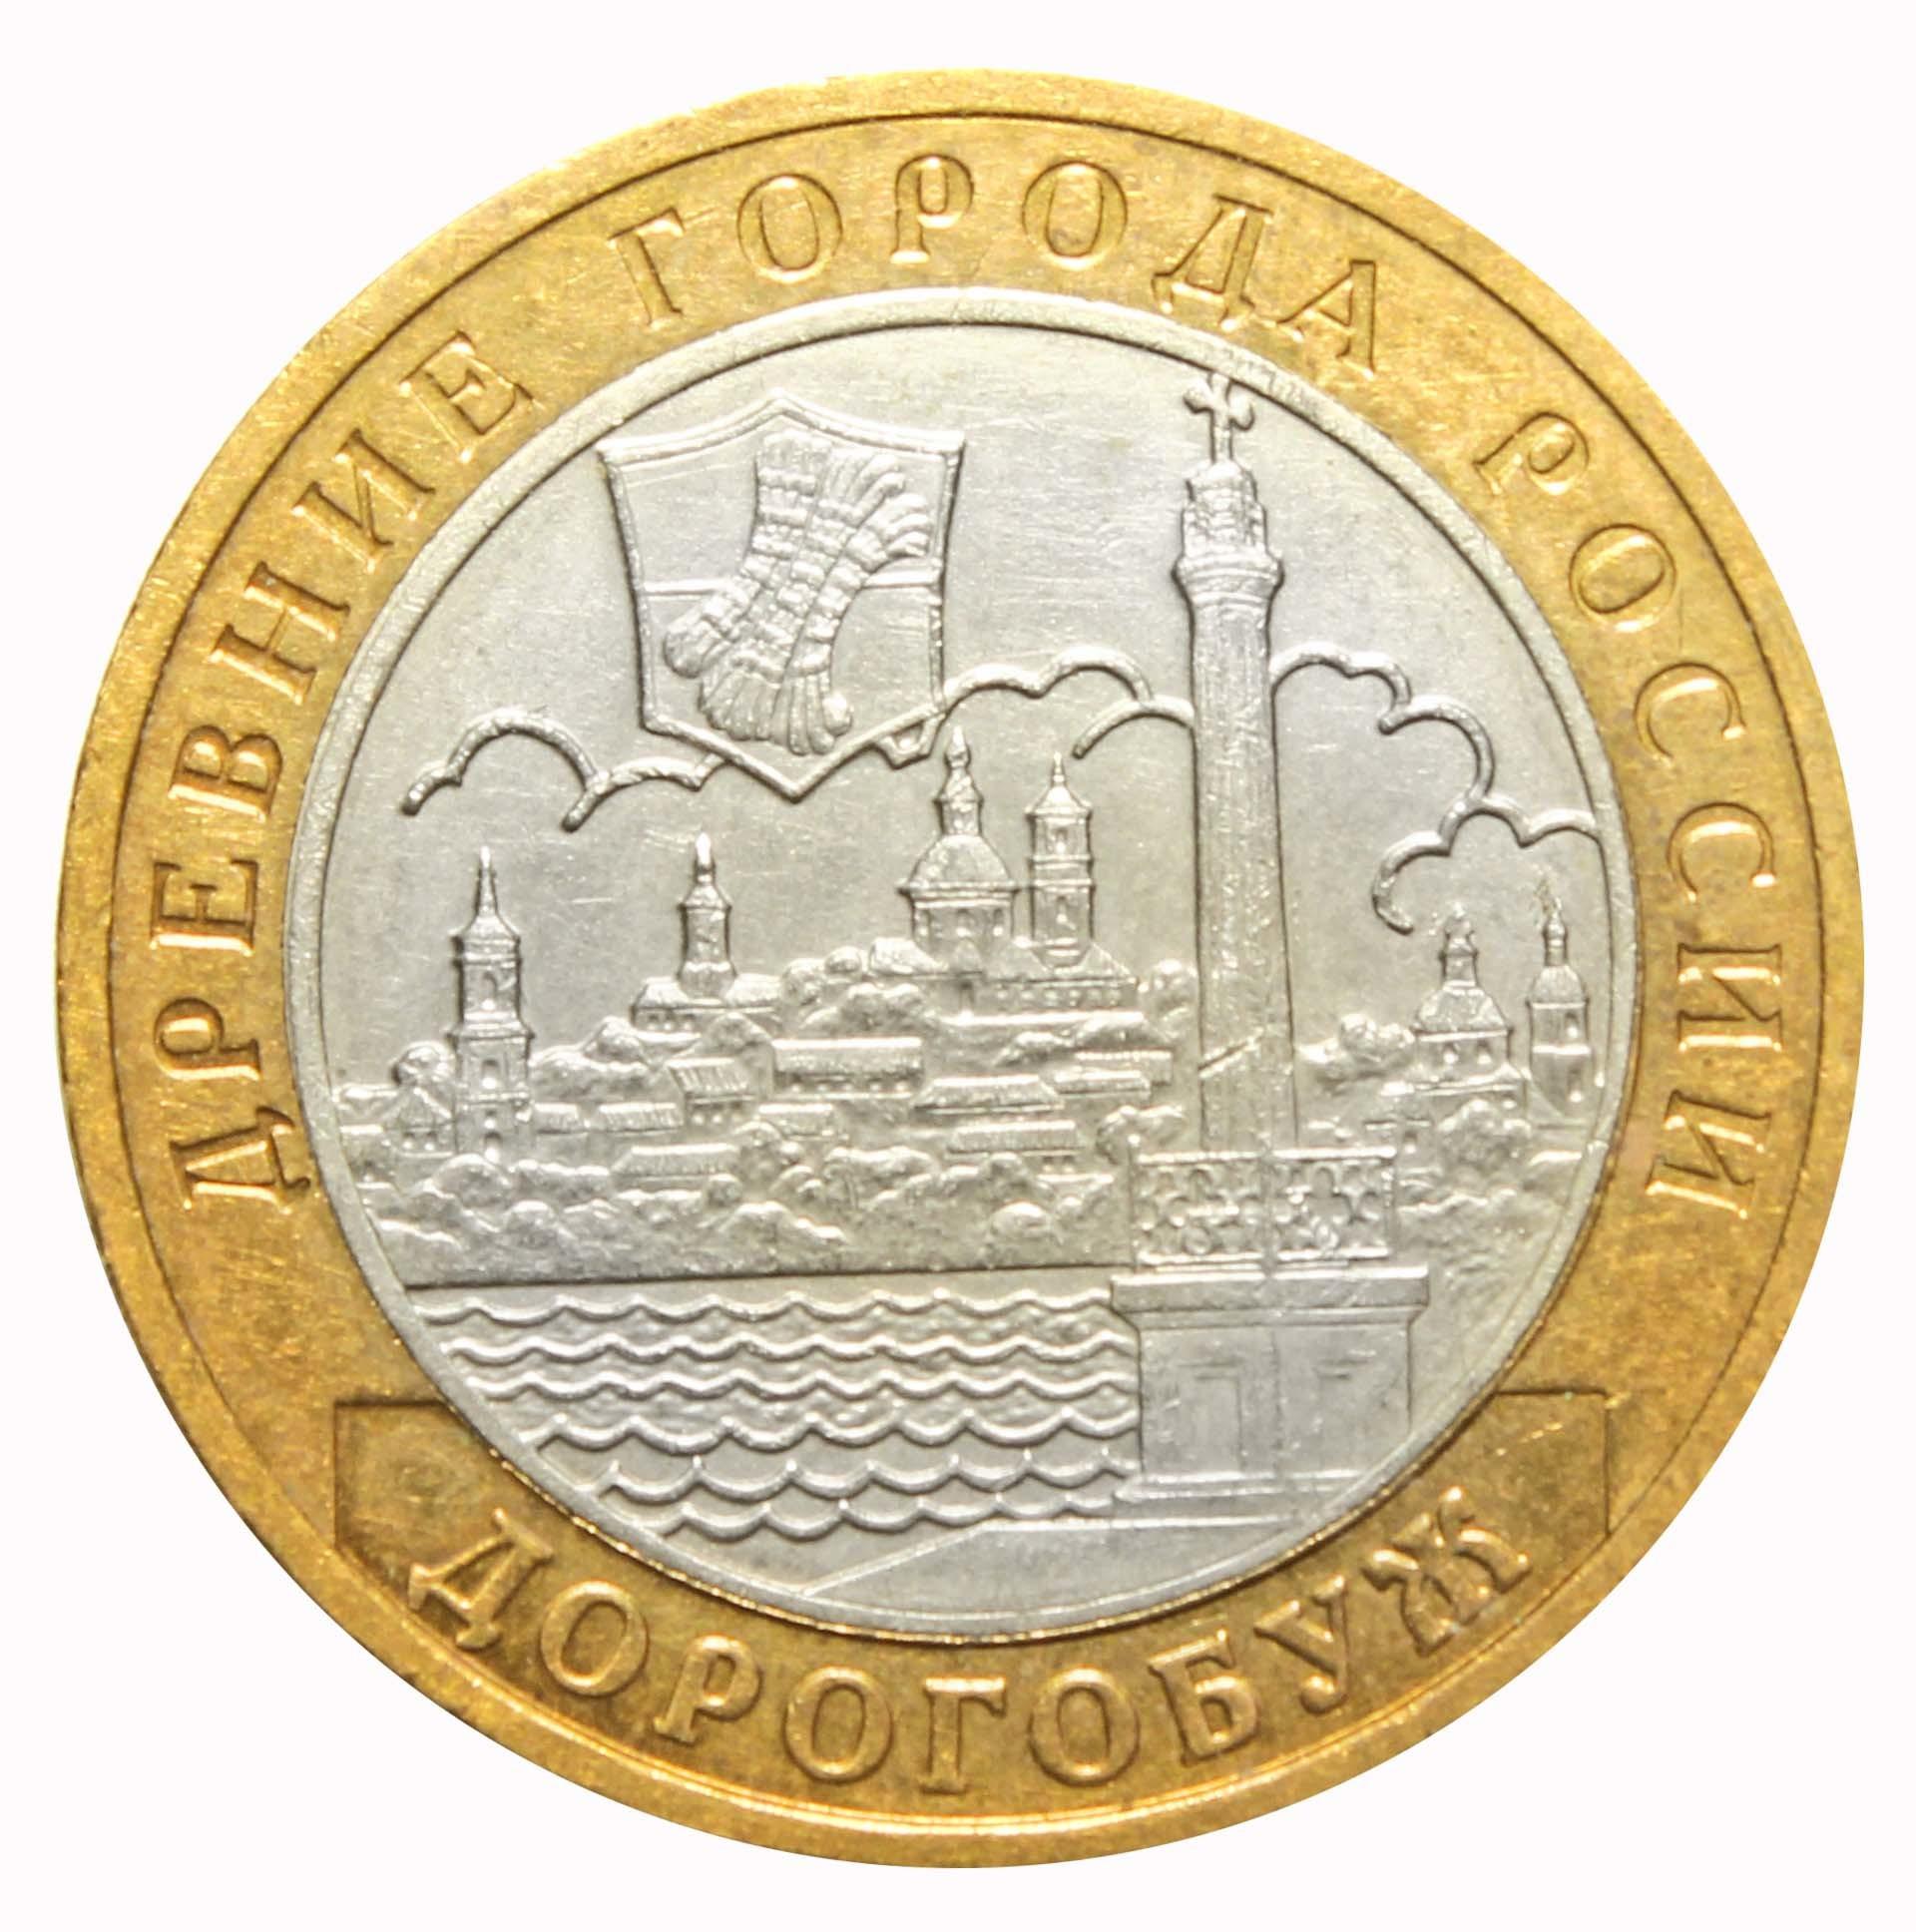 10 рублей Дорогобуж 2003 г